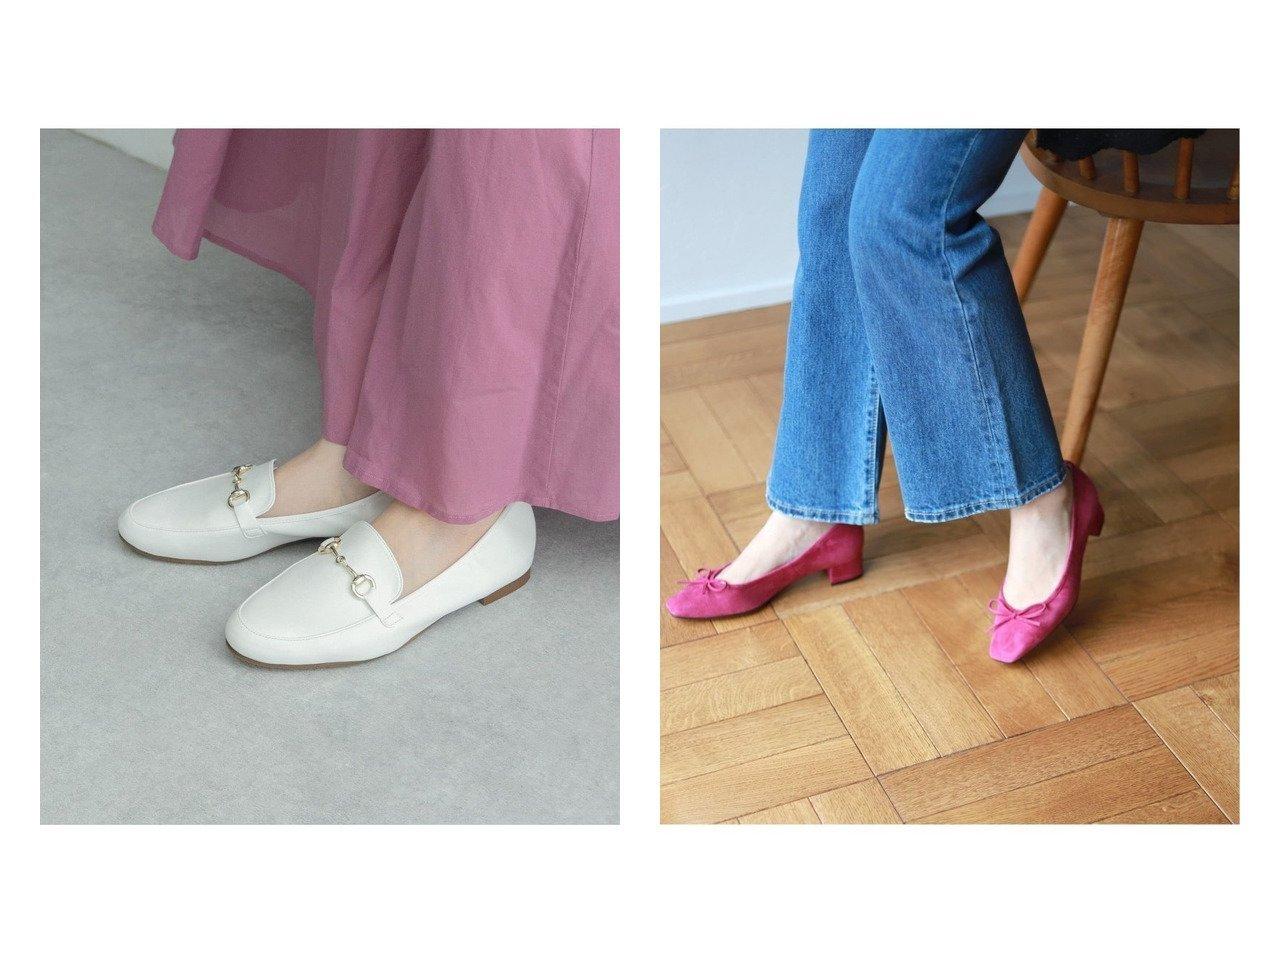 【RODE SKO / URBAN RESEARCH/ロデスコ】の【MADE IN JAPAN】ELLA やわビットローファー&【SLOBE IENA/スローブ イエナ】のSLOBE IENA スクエアバレエシューズ 【シューズ・靴】おすすめ!人気、トレンド・レディースファッションの通販 おすすめで人気の流行・トレンド、ファッションの通販商品 インテリア・家具・メンズファッション・キッズファッション・レディースファッション・服の通販 founy(ファニー) https://founy.com/ ファッション Fashion レディースファッション WOMEN クッション シューズ スクエア タイツ デニム トレンド バレエ フェミニン フォルム ボトム 冬 Winter A/W・秋冬 AW・Autumn/Winter・FW・Fall-Winter 2021年 2021 2021-2022秋冬・A/W AW・Autumn/Winter・FW・Fall-Winter・2021-2022 シンプル 日本製 Made in Japan |ID:crp329100000069196